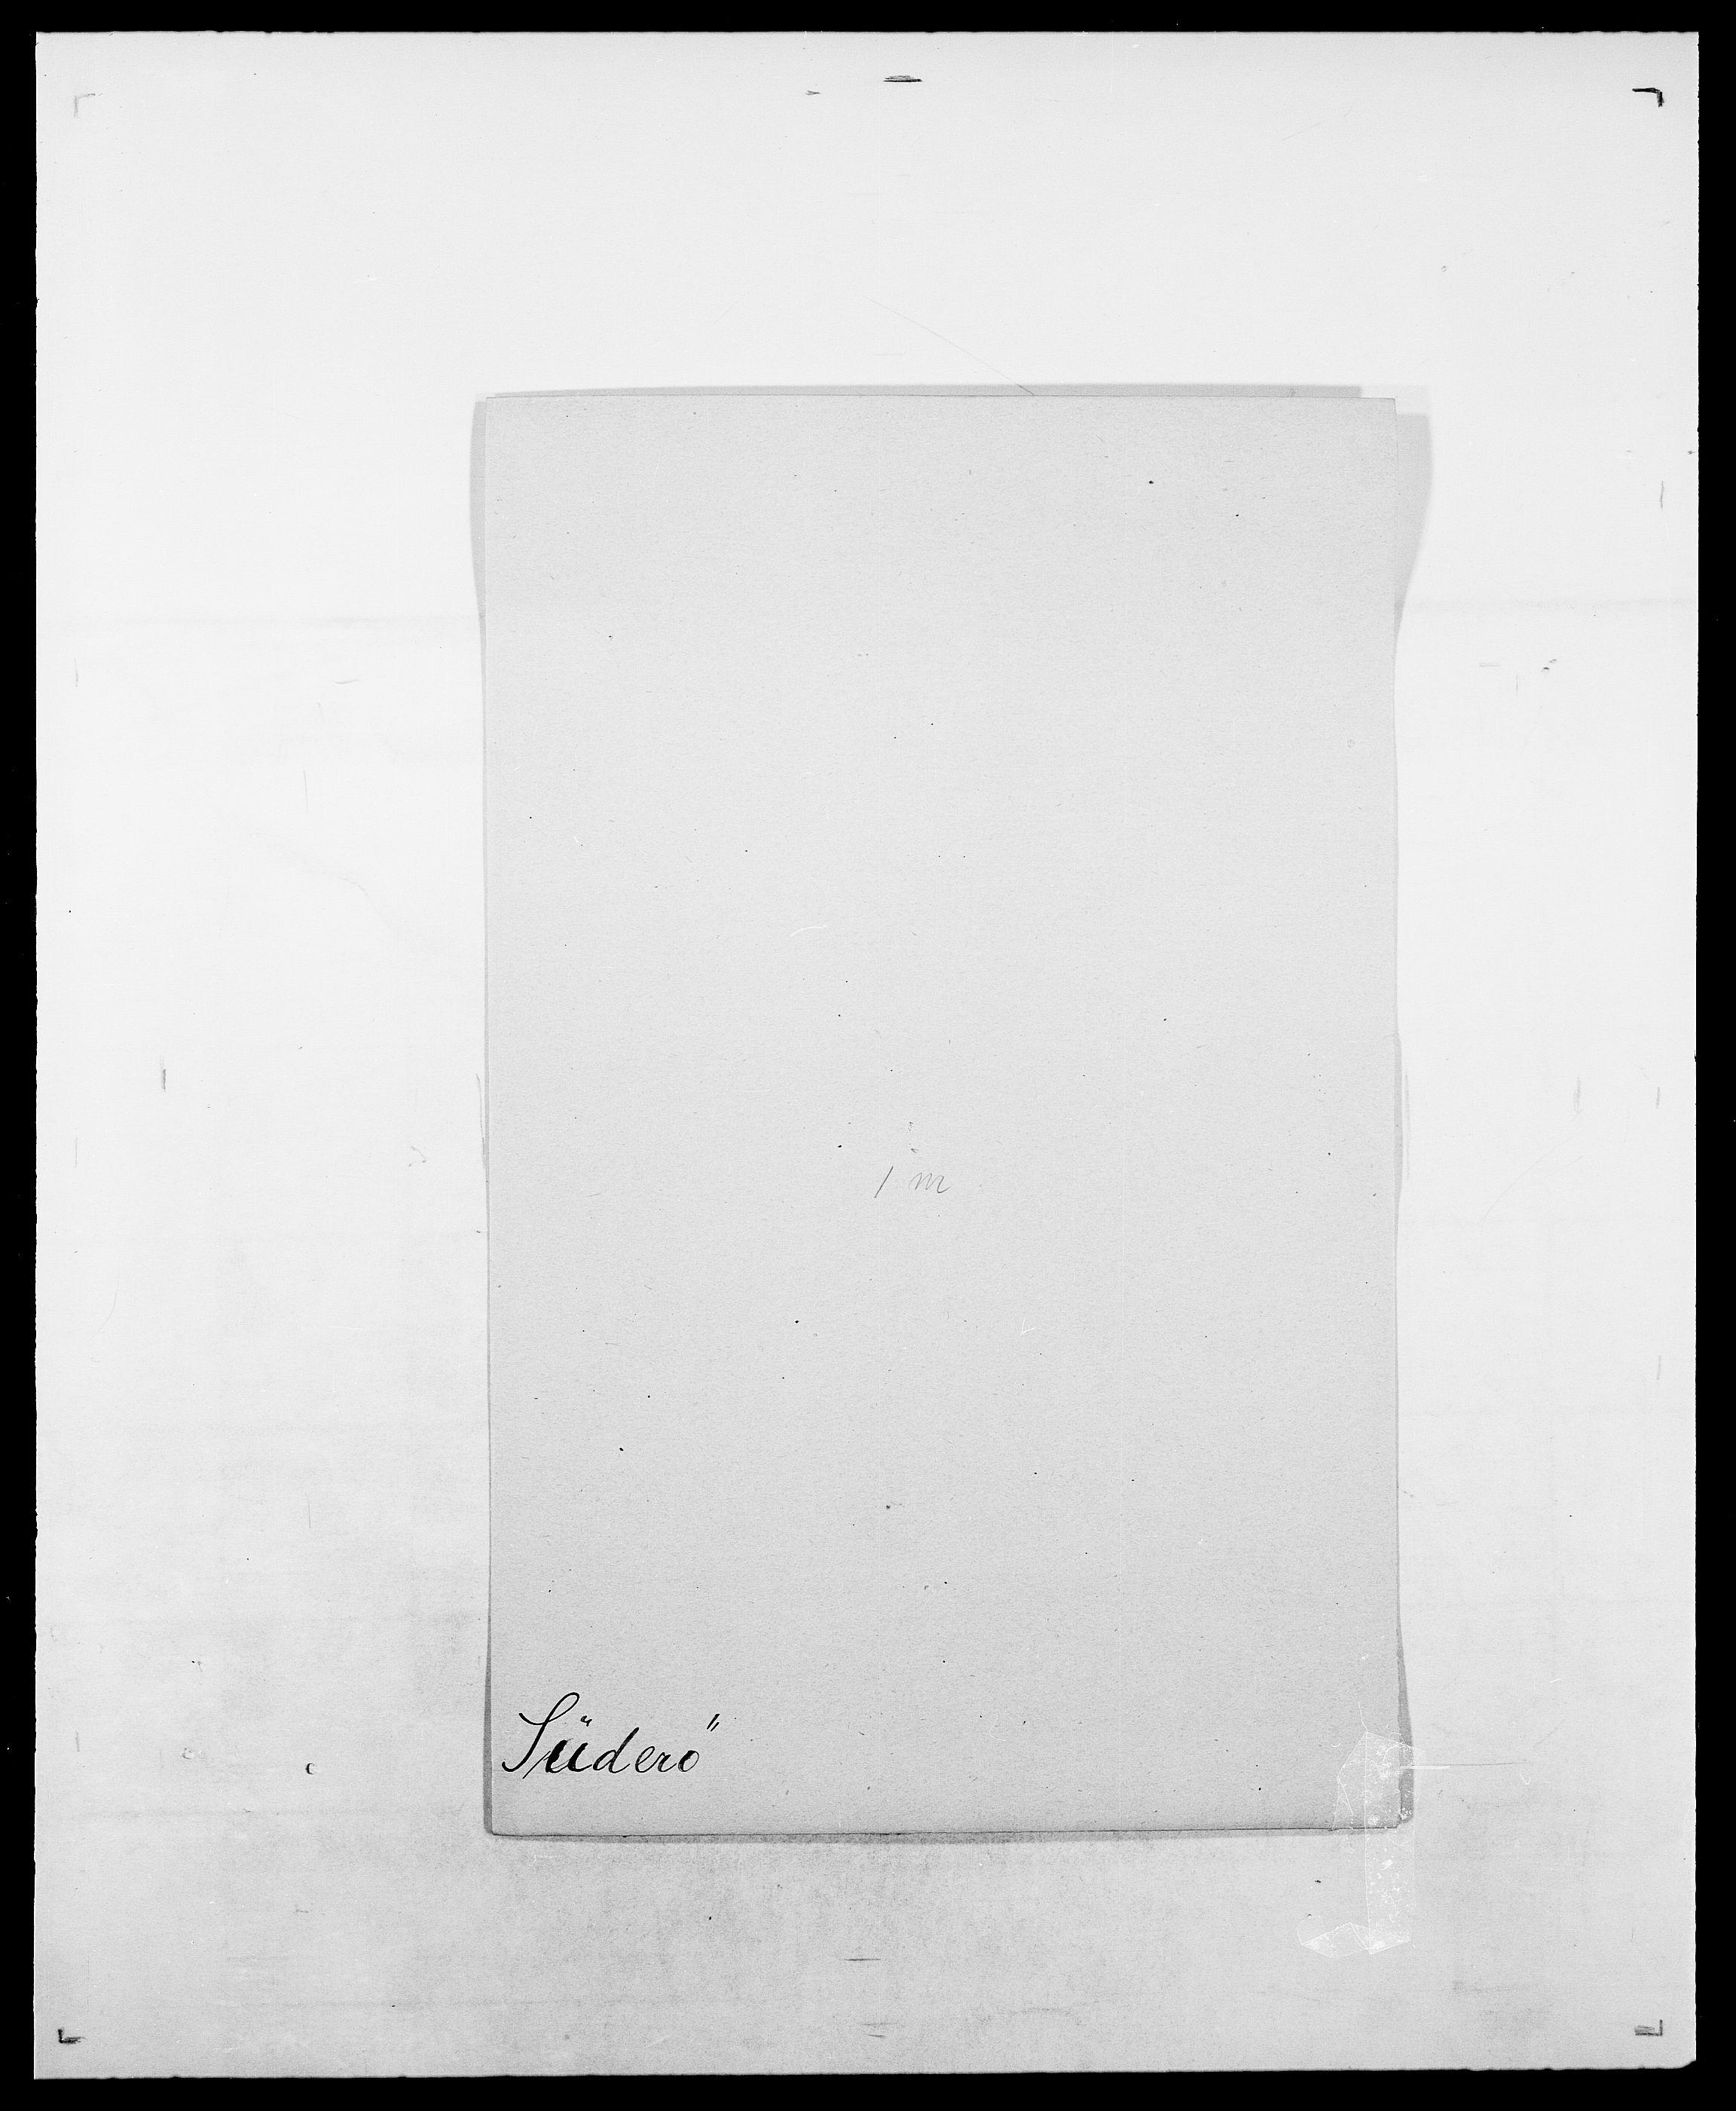 SAO, Delgobe, Charles Antoine - samling, D/Da/L0038: Svanenskjold - Thornsohn, s. 89